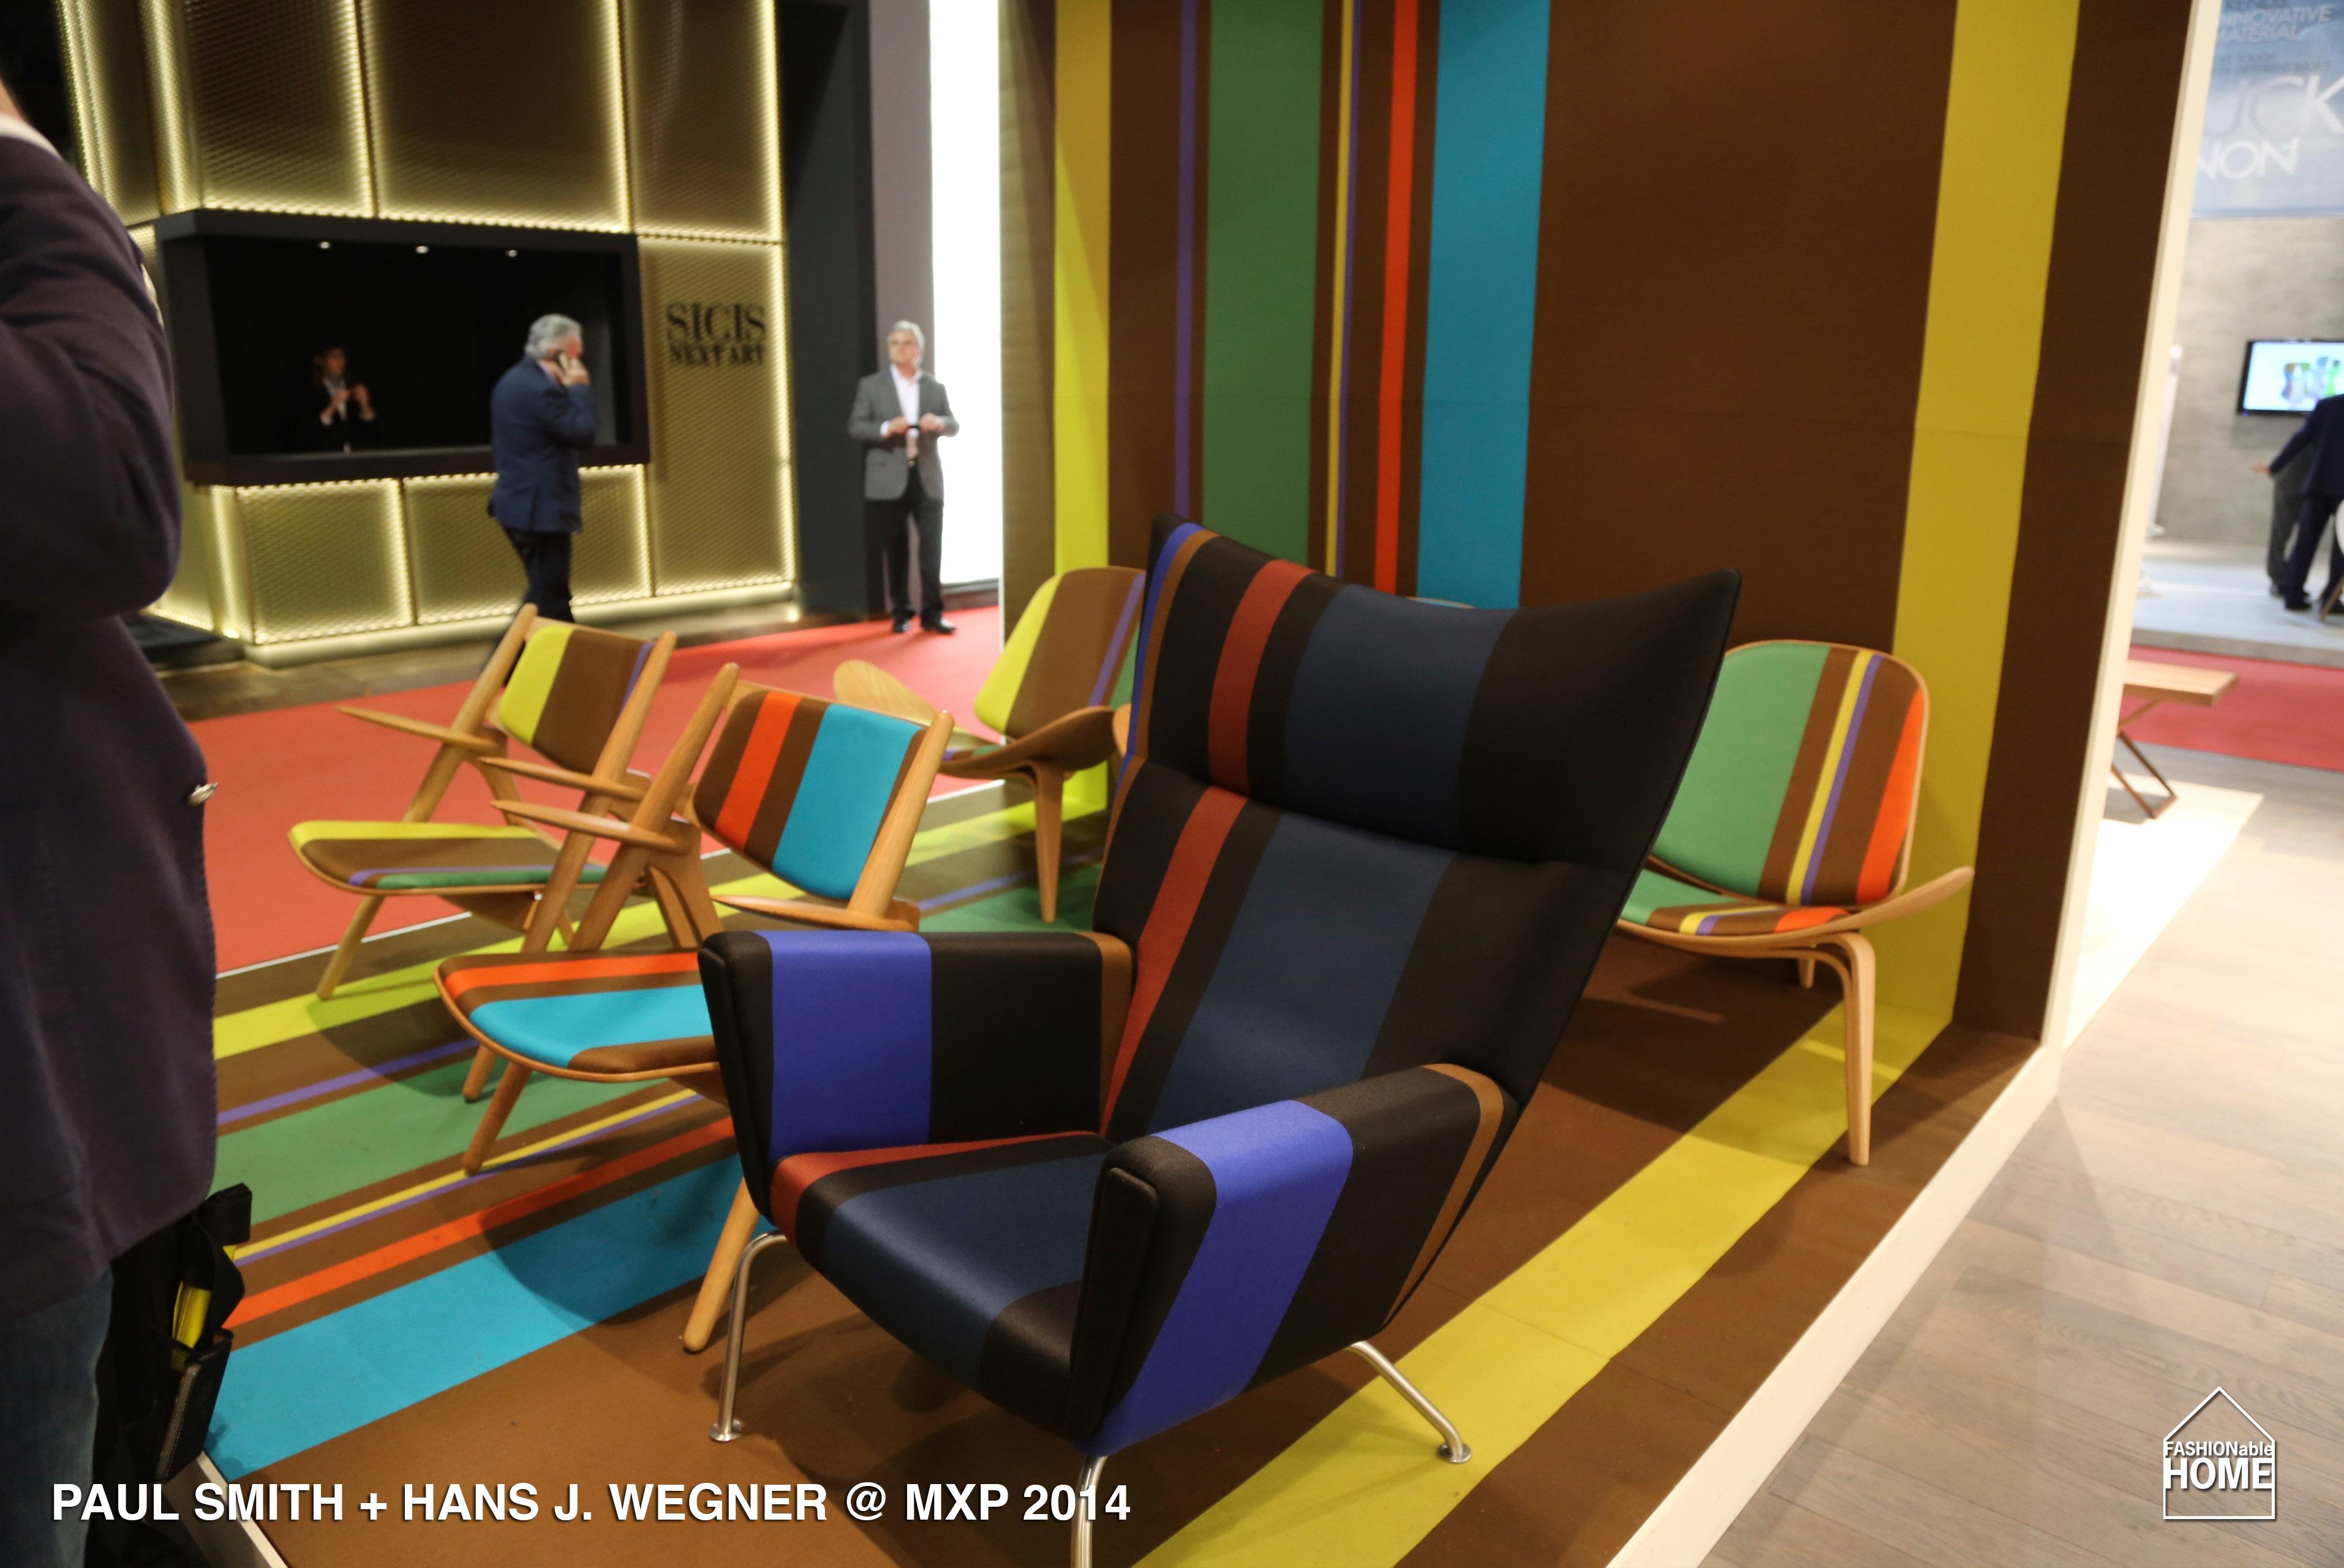 Paul Smith Hans J Wegner Milano 2014 Fashionable